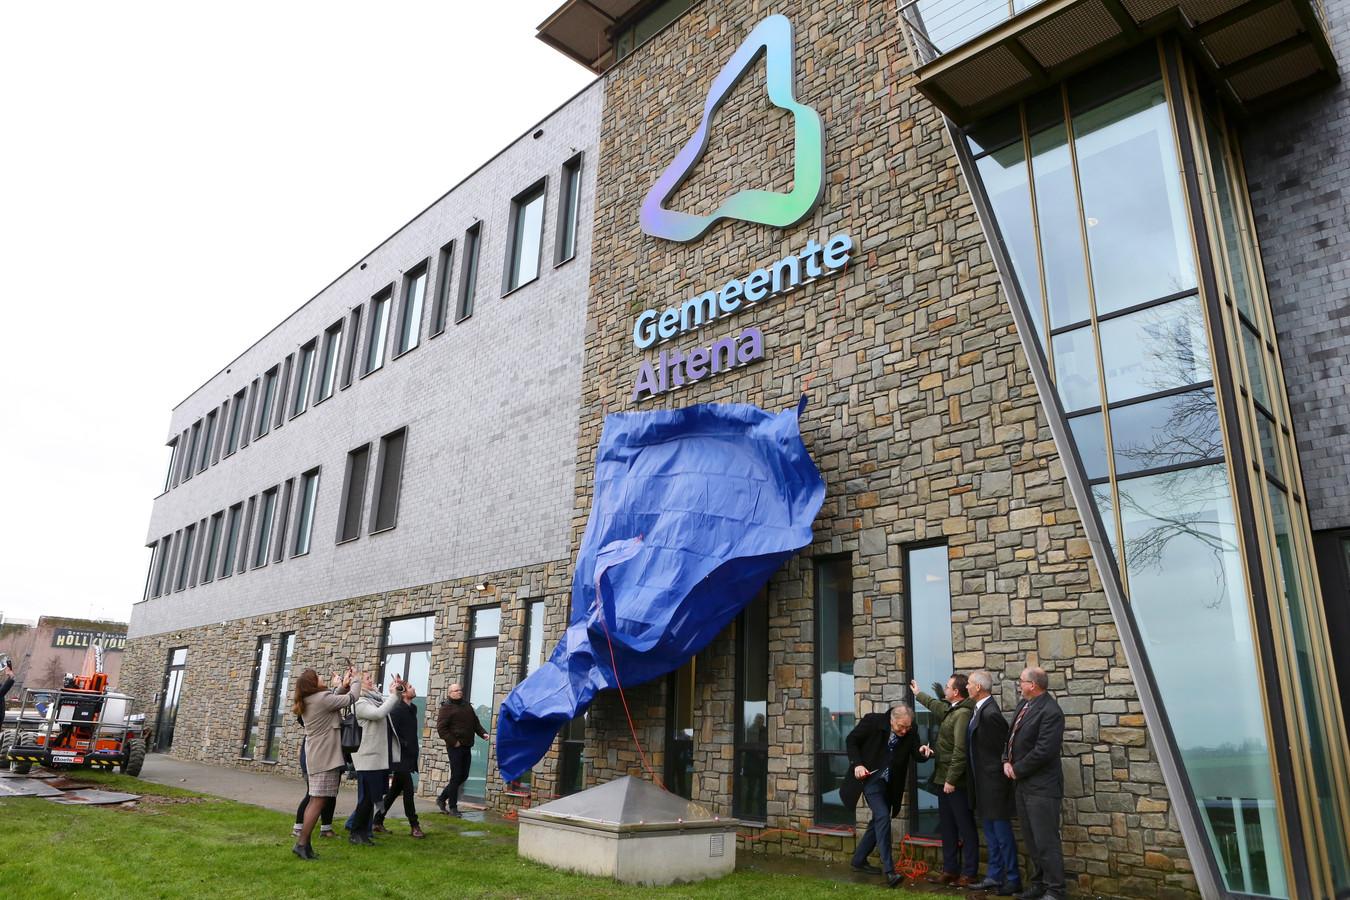 De onthulling van het logo van Altena op het gemeentehuis in Almkerk, in de voormalige Rabobank.